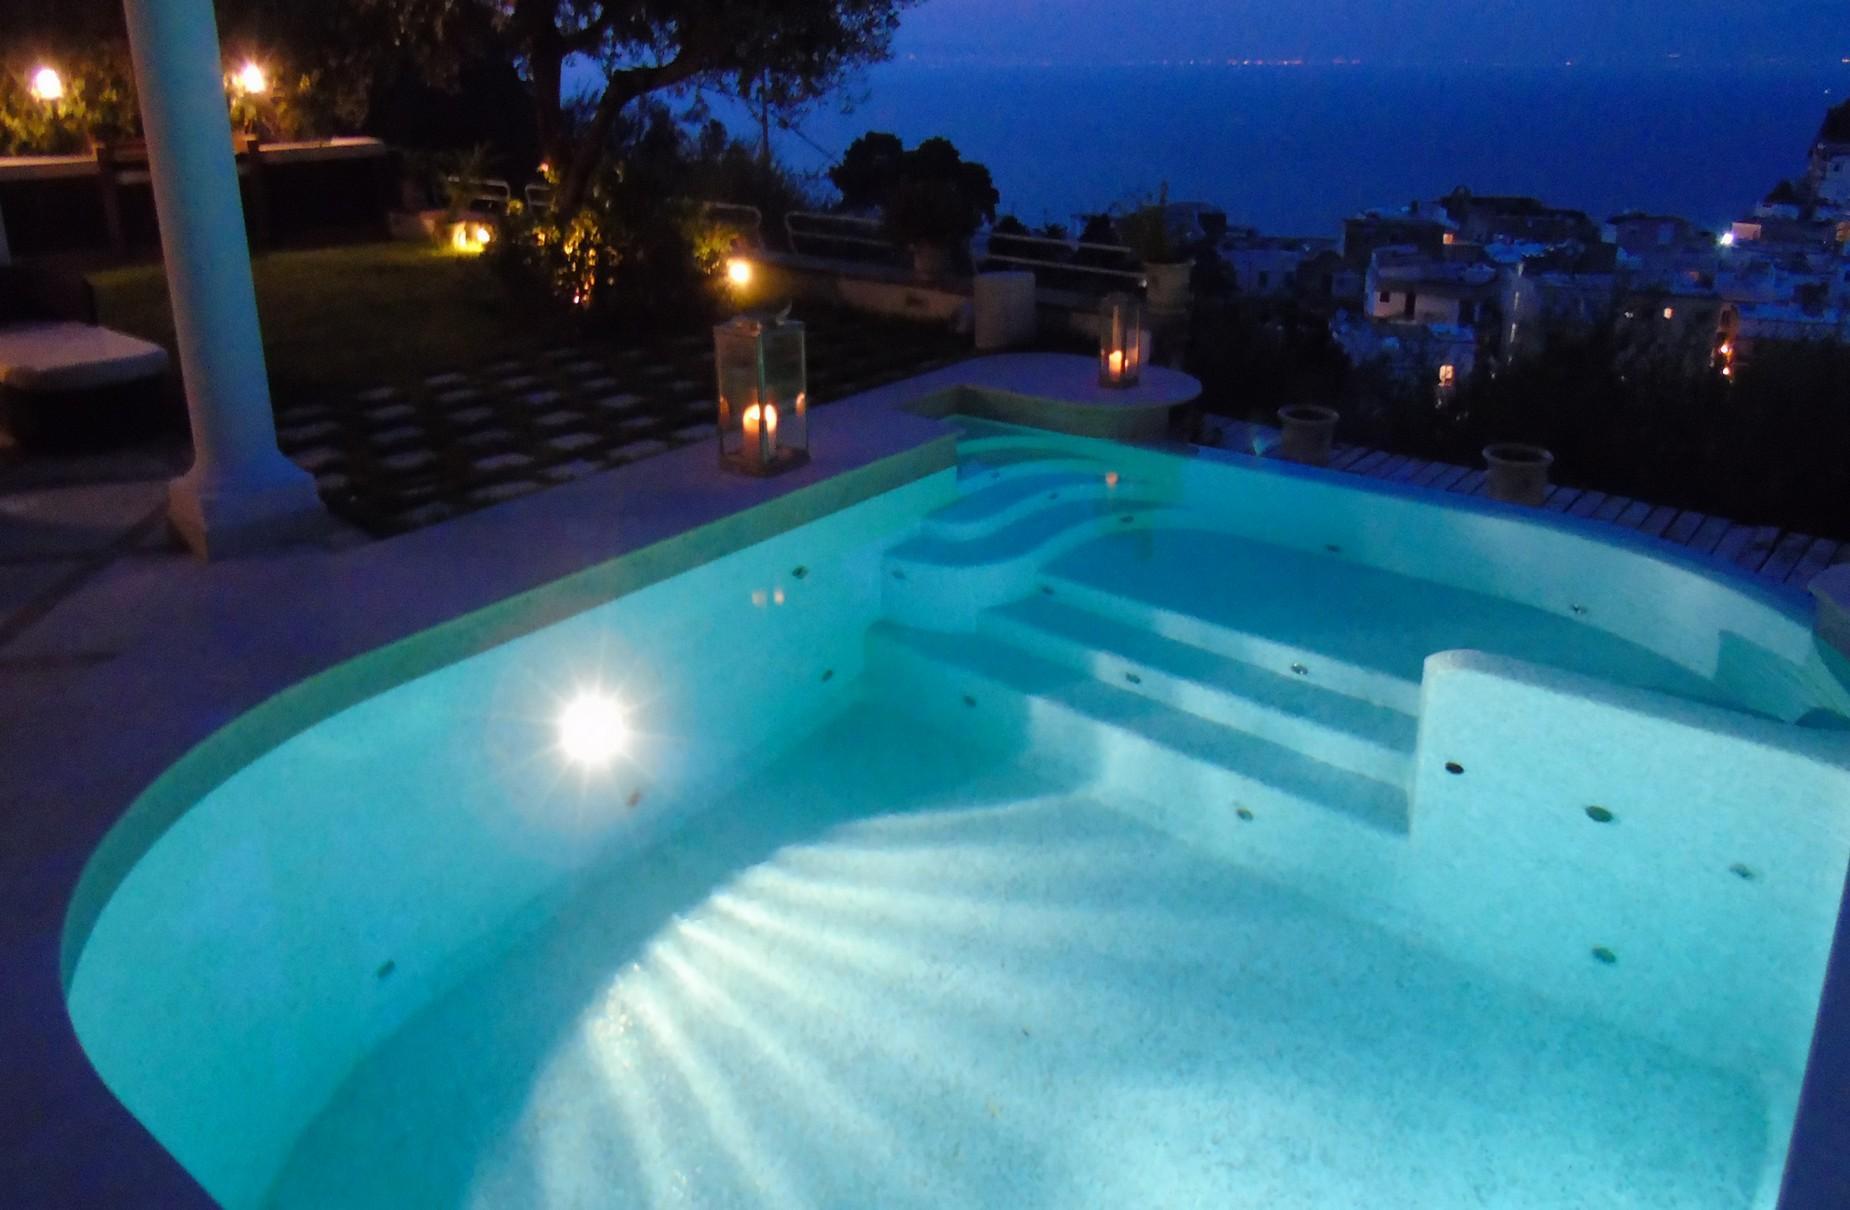 Очаровательная вилла с панорамным бассейном в центре легендарного острова Капри, Италия - 19